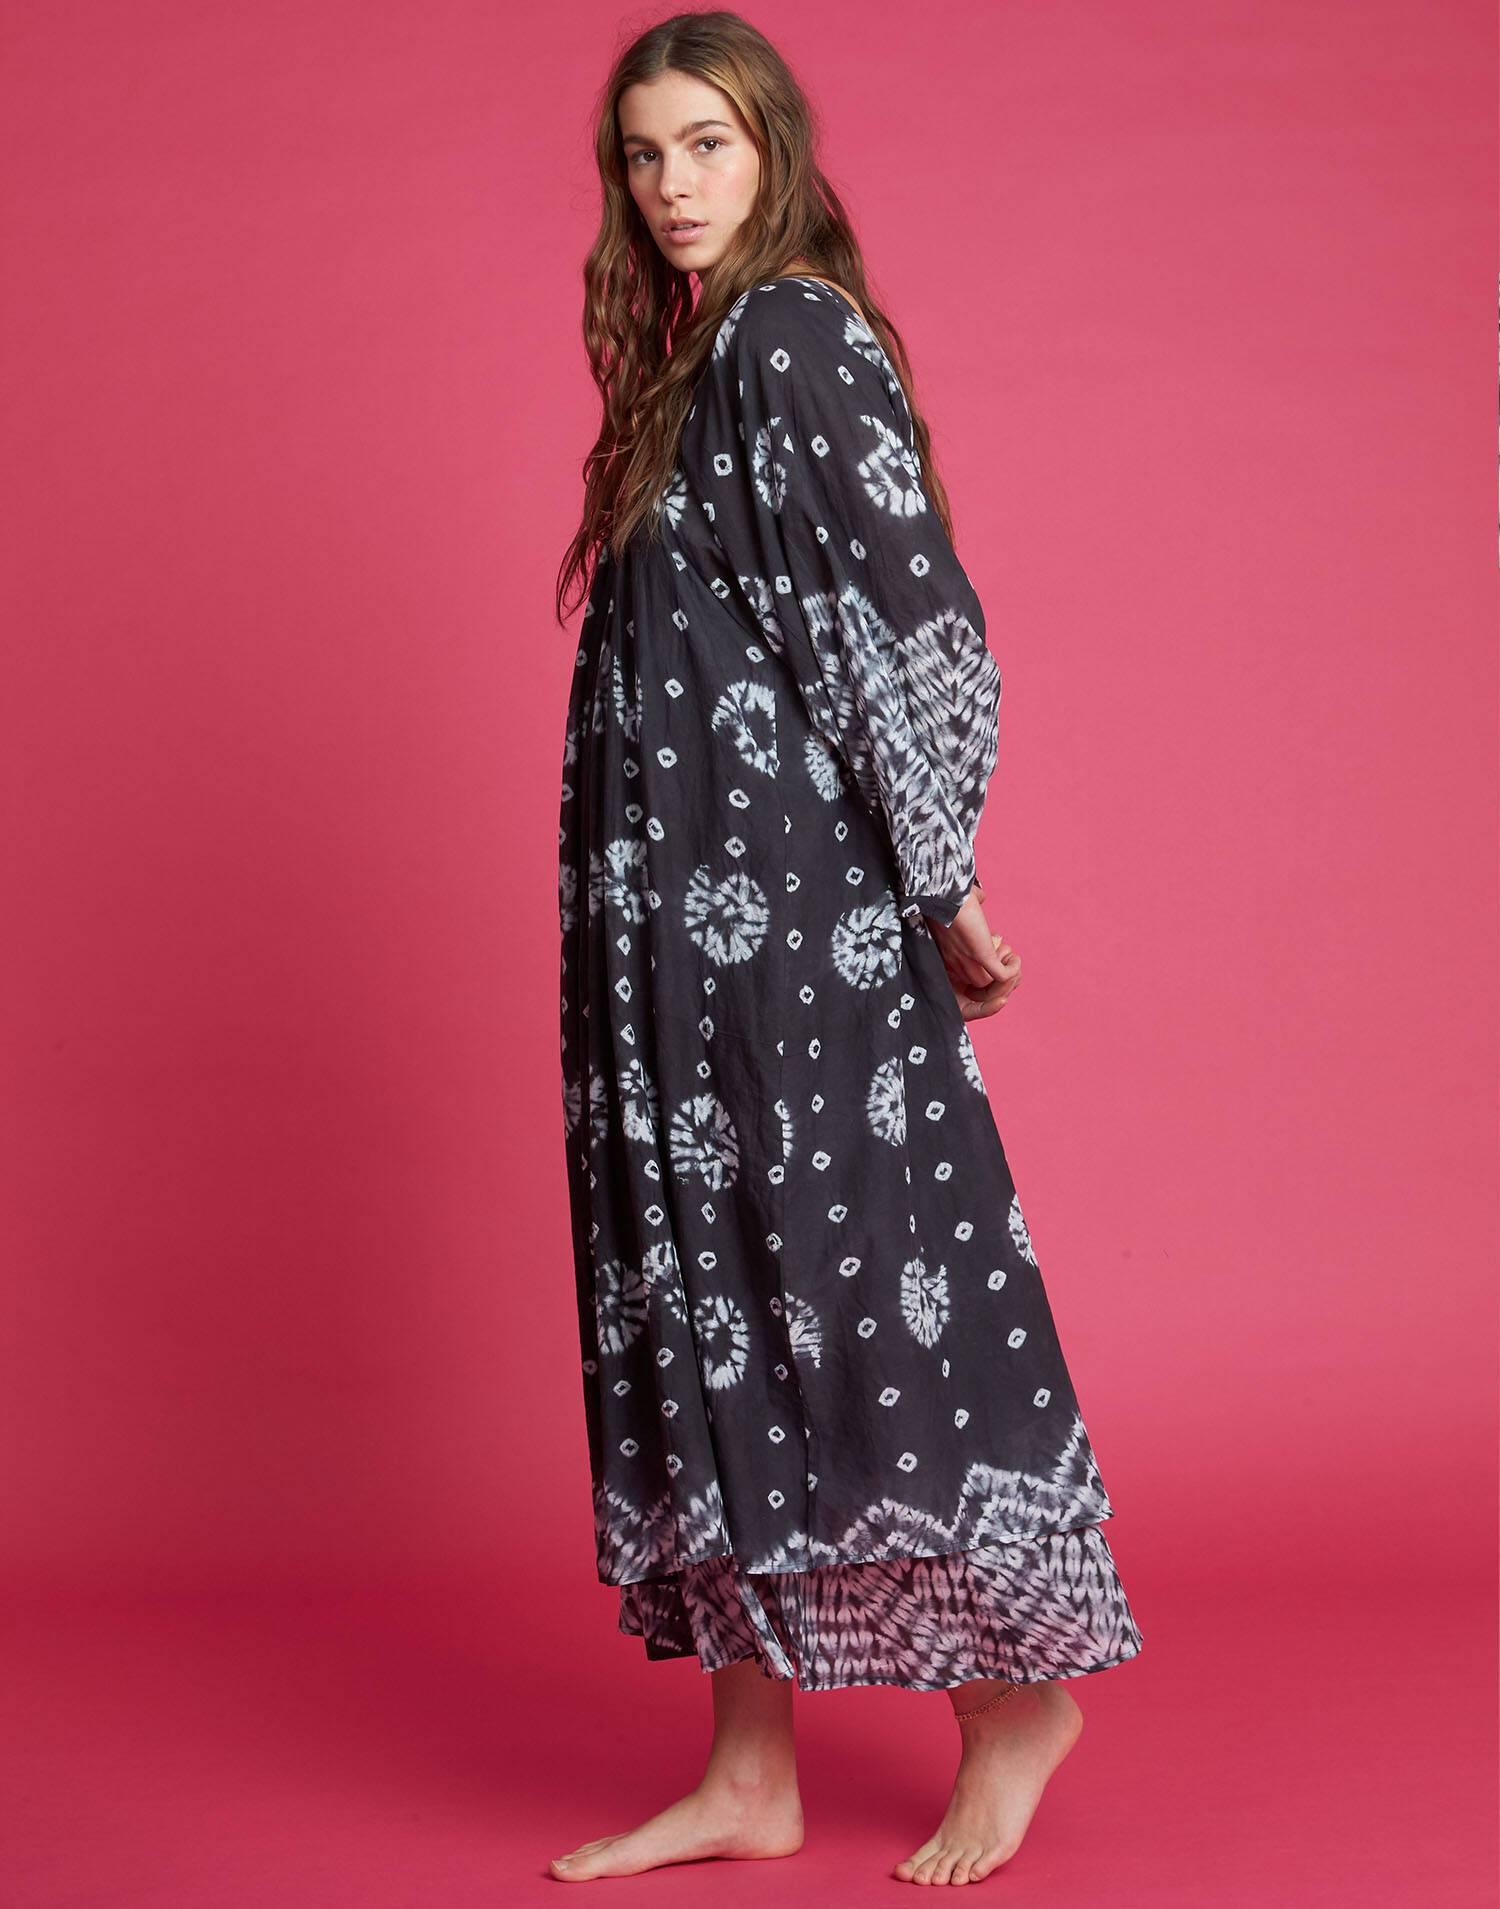 Vestido midi tecnica shibori